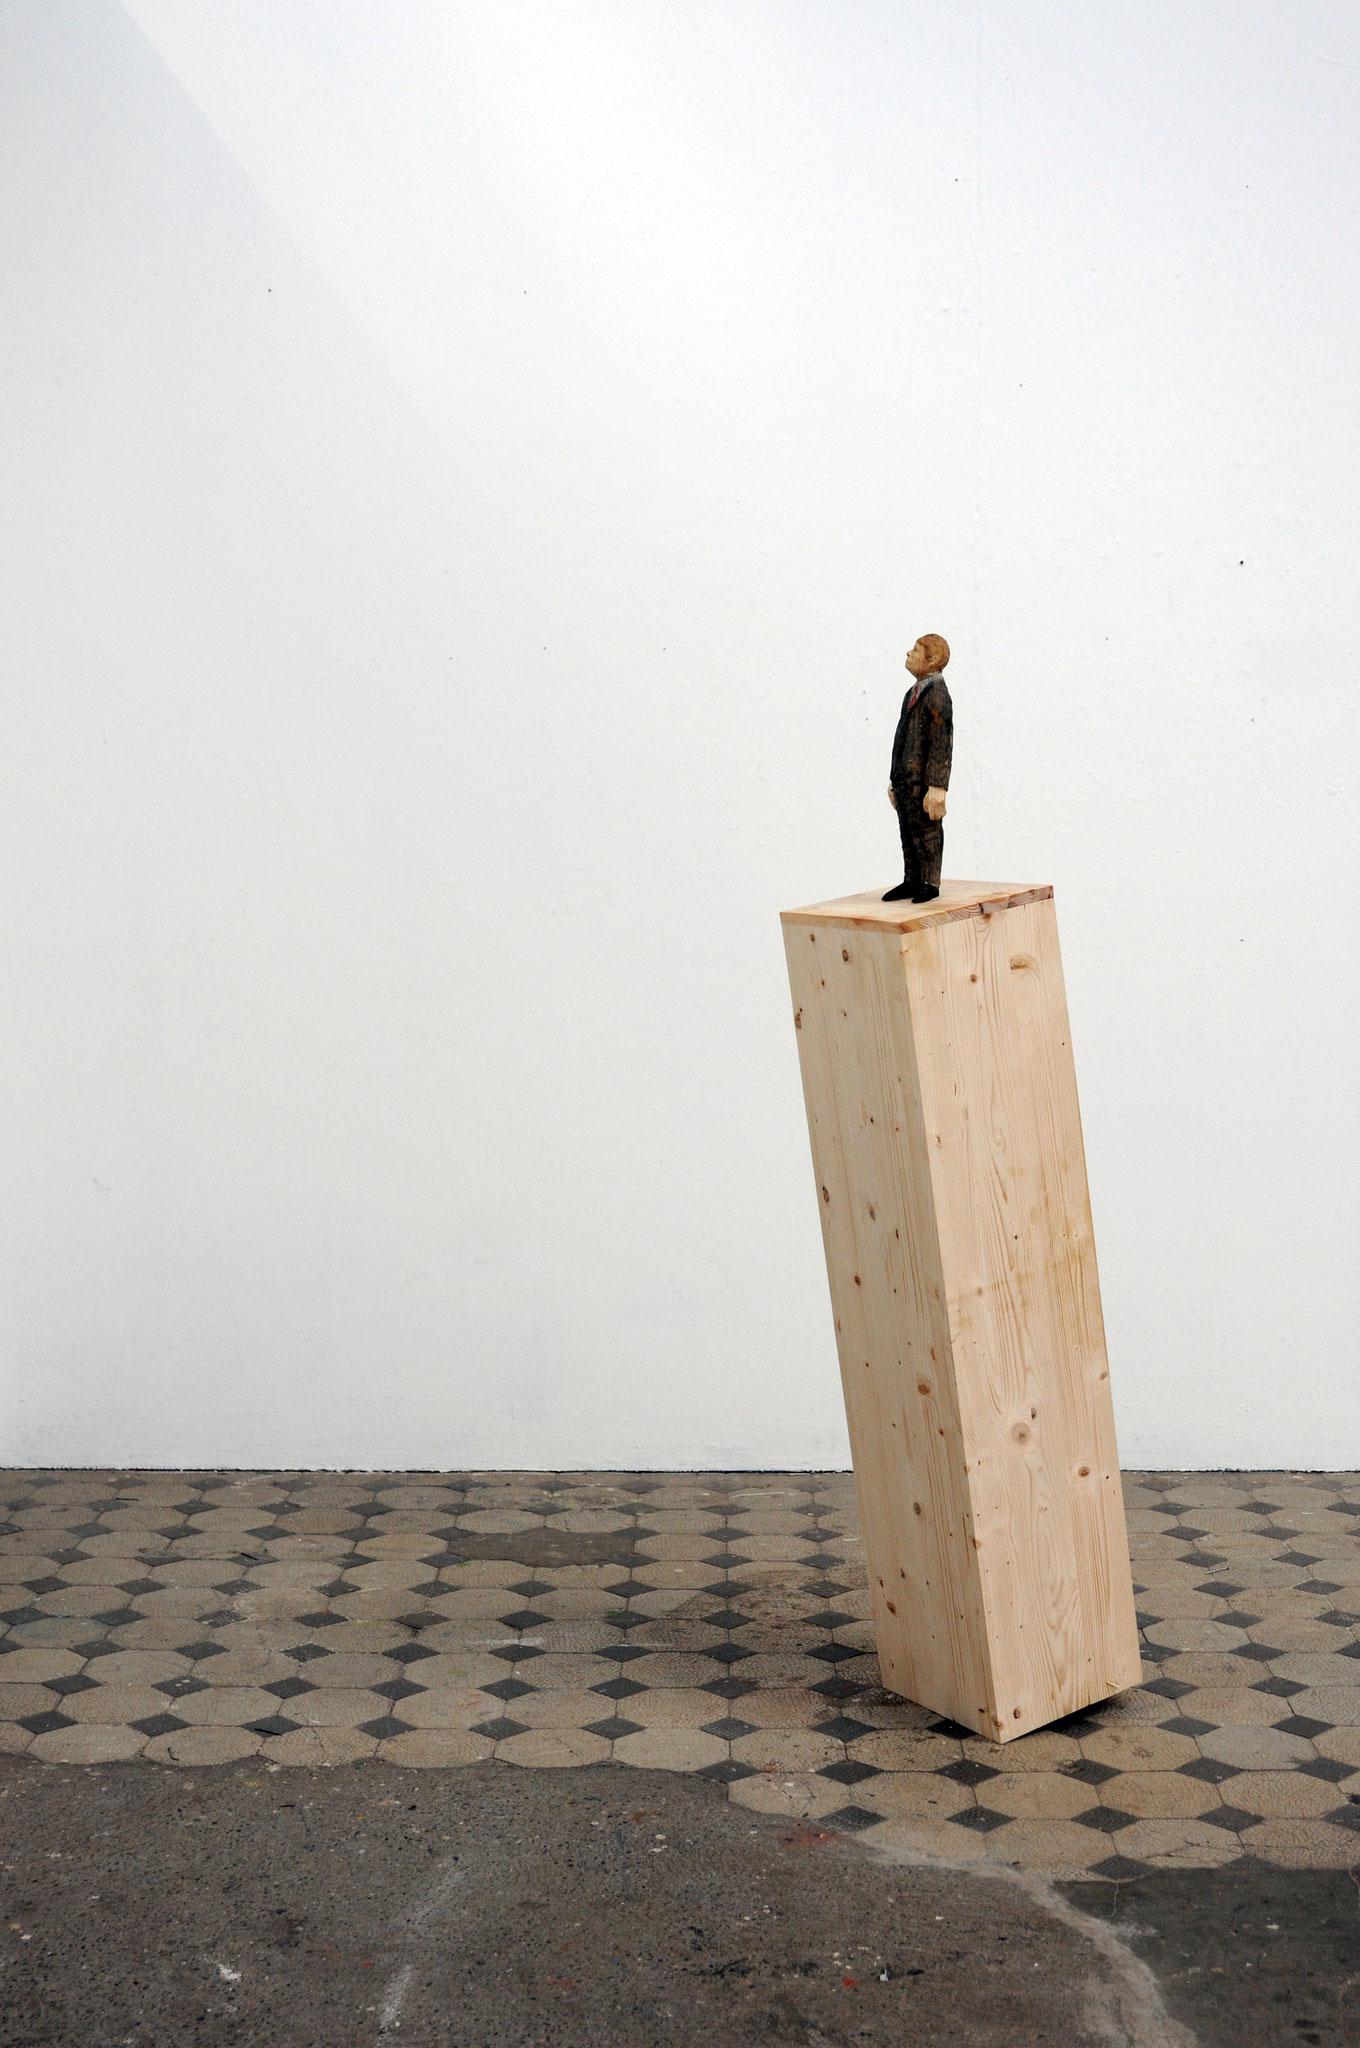 Mann auf kippendem Sockel  I  Fichtenholz, Farbe  I  2016